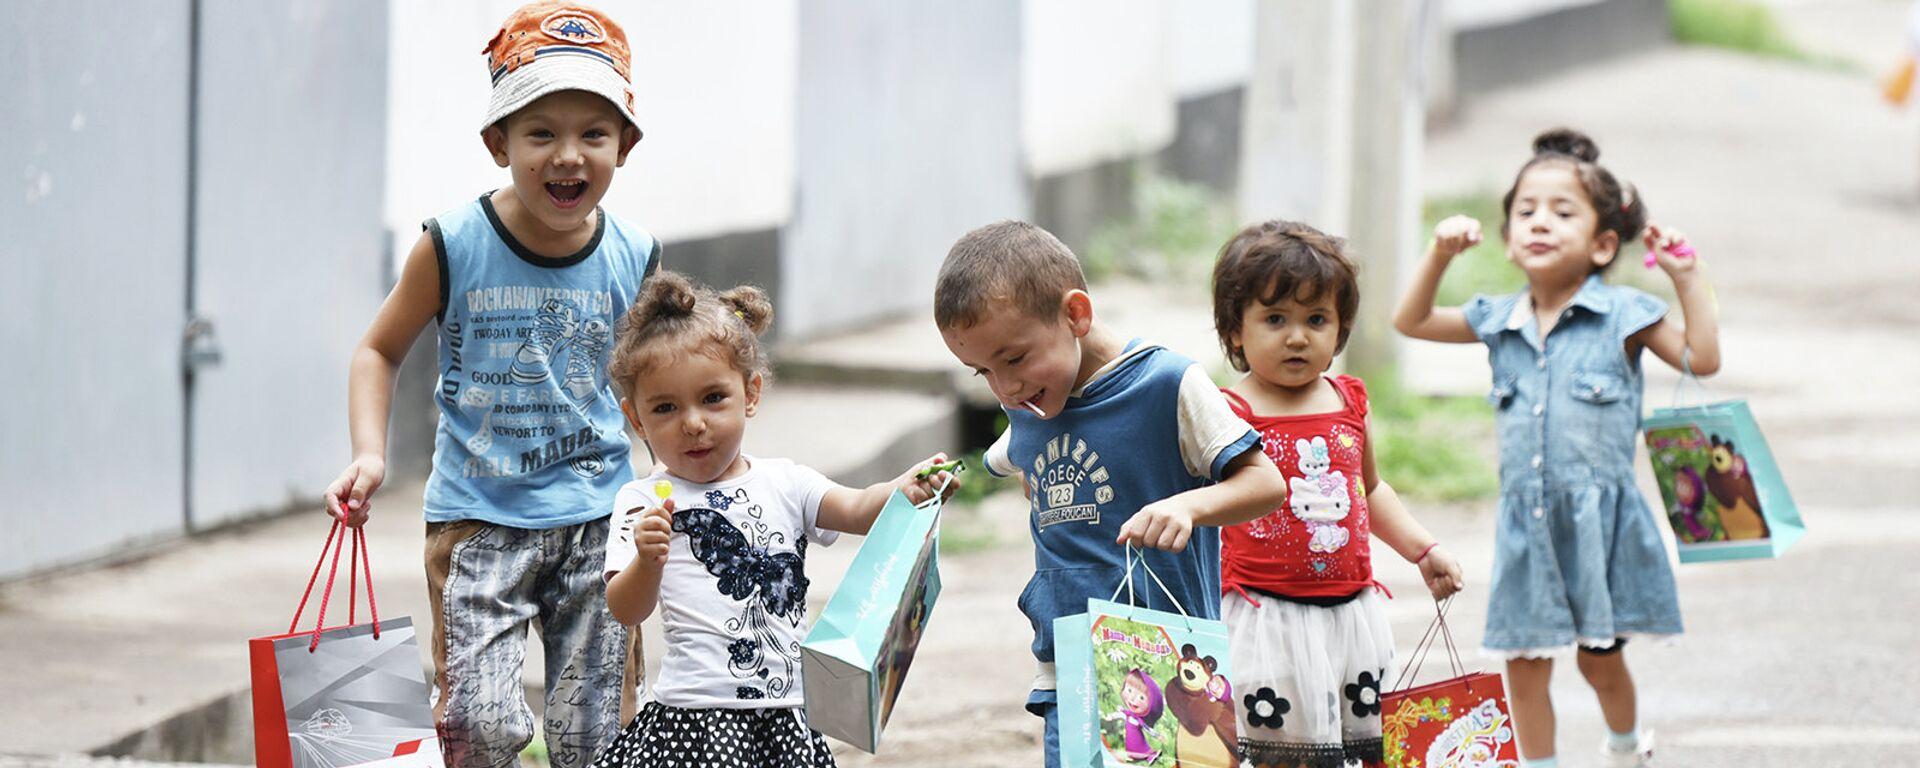 Ид муборак: как в Таджикистане отметили  Ид аль-фитр - Sputnik Таджикистан, 1920, 19.07.2021